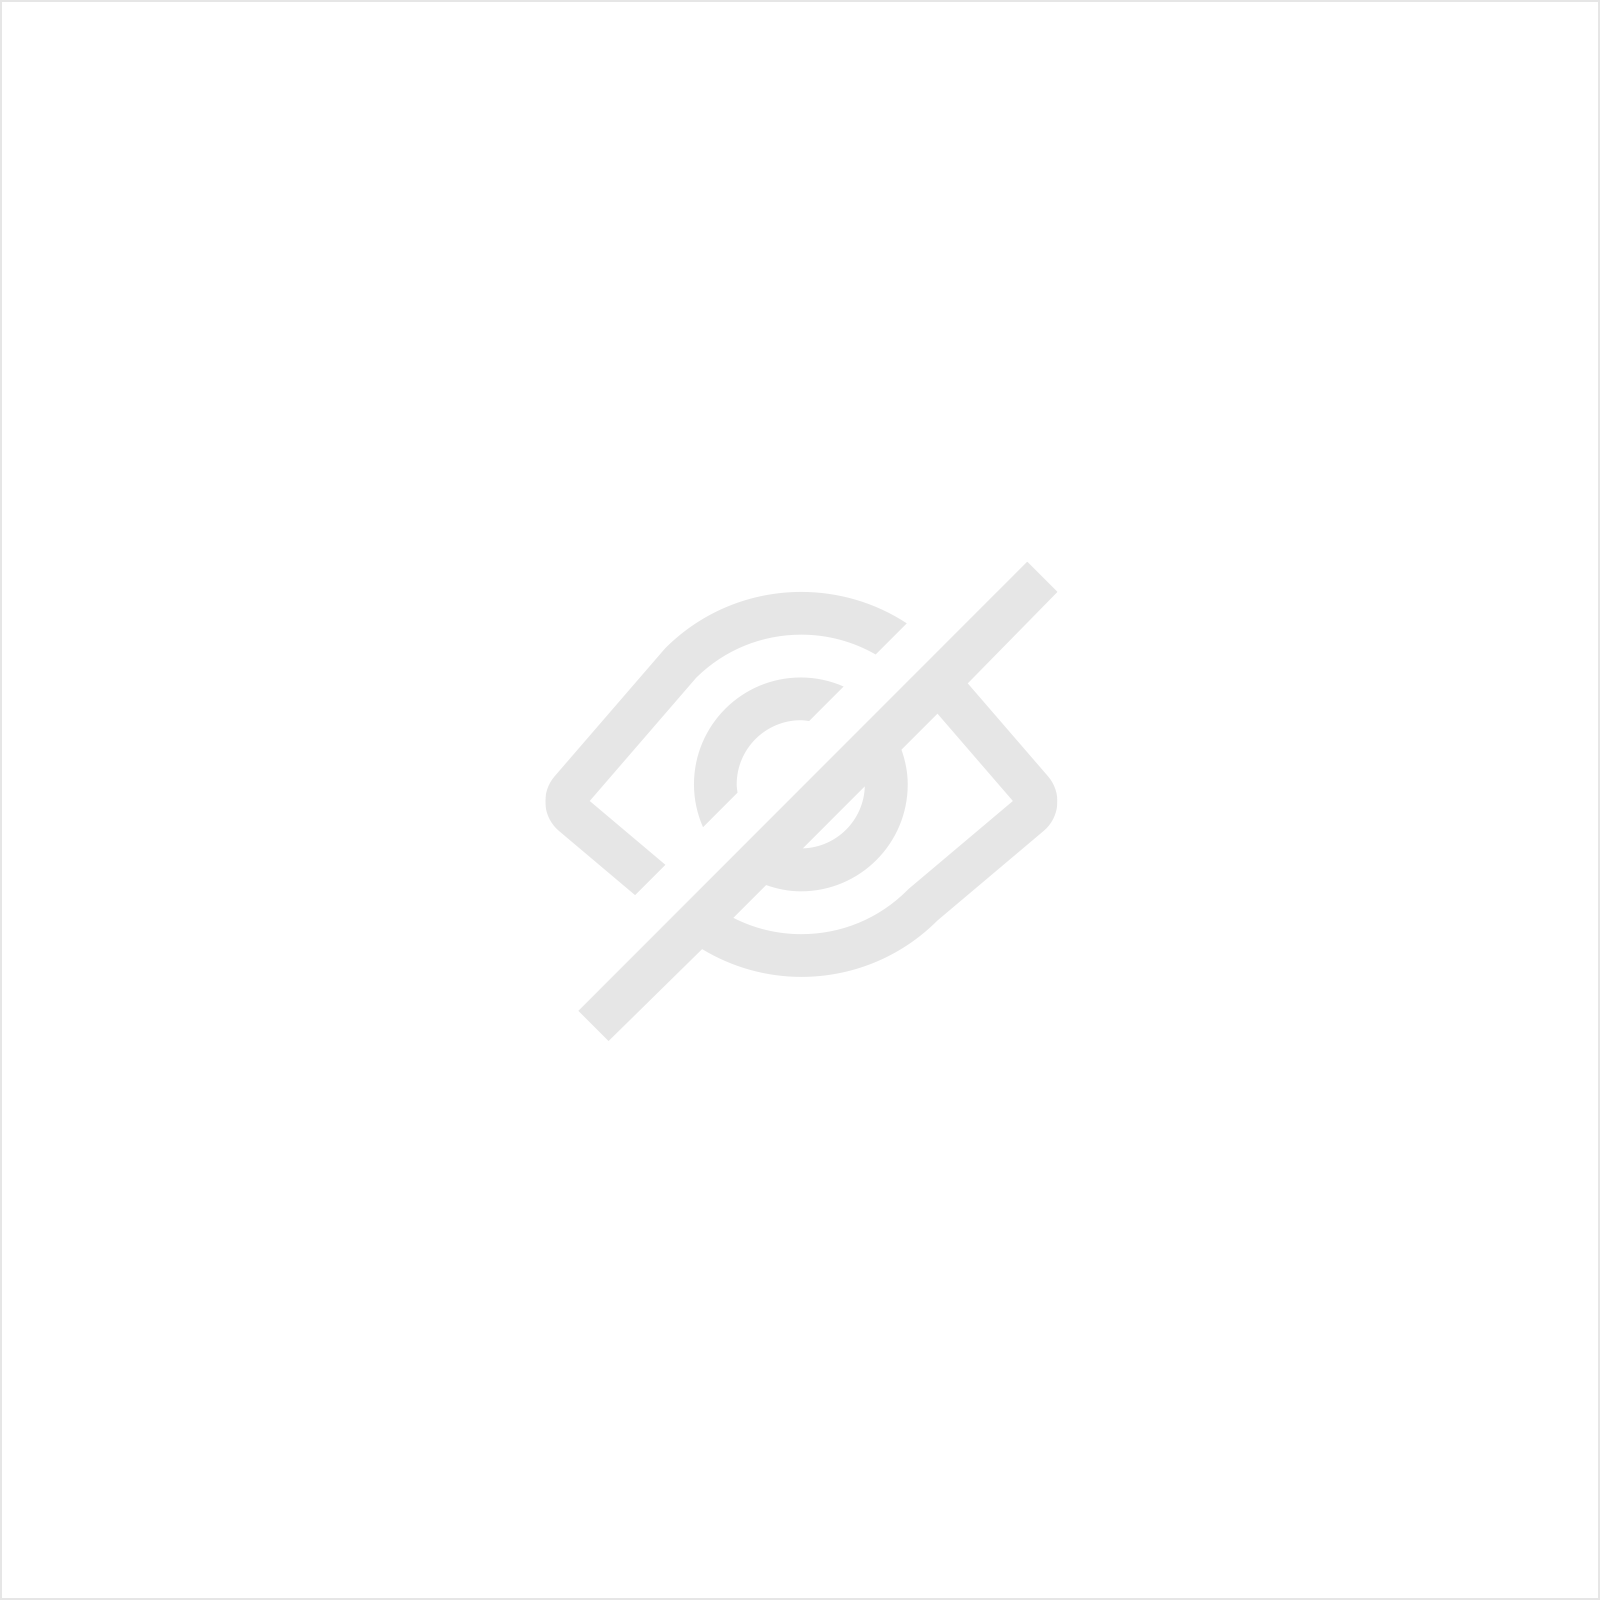 MOLETTES OPTIONELLE POUR BORDEUSE MOULUREUSE 30 MM